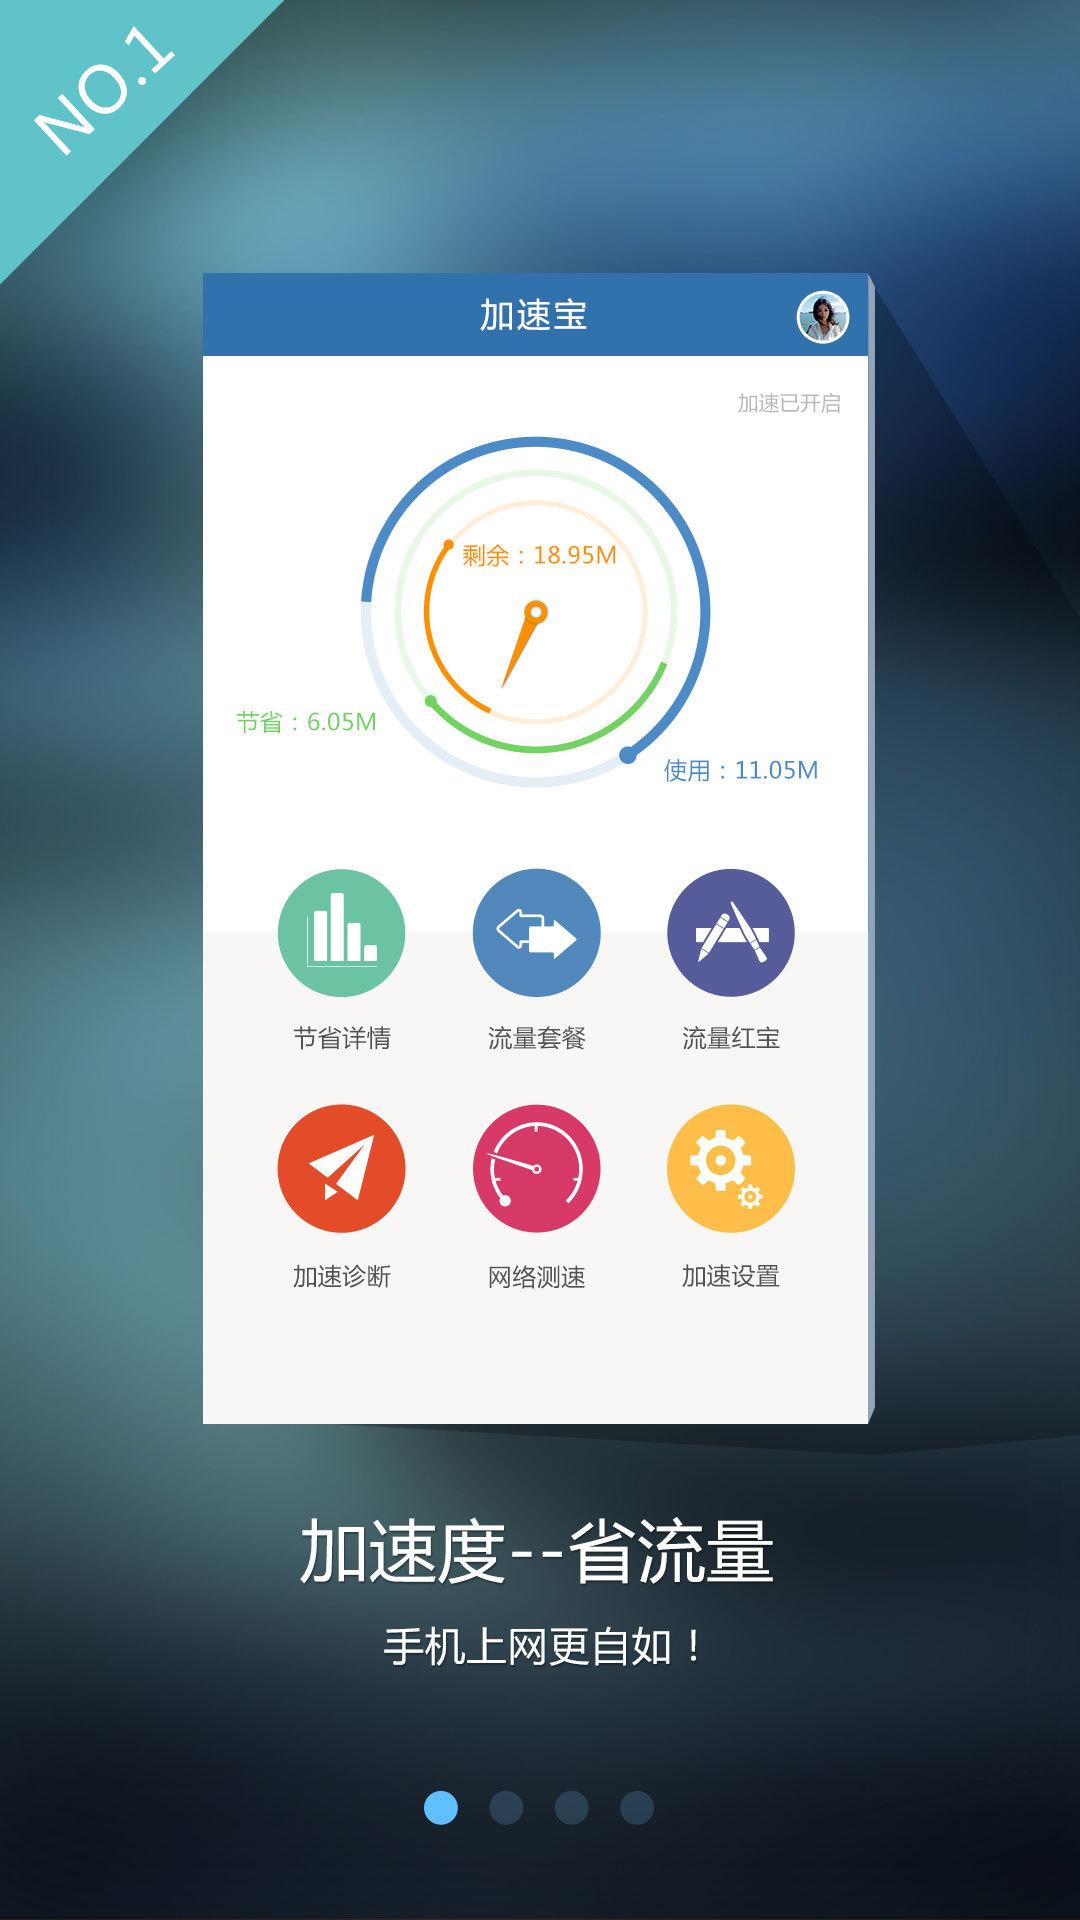 18應用寶安卓投影及批次備份管理App - YouTube